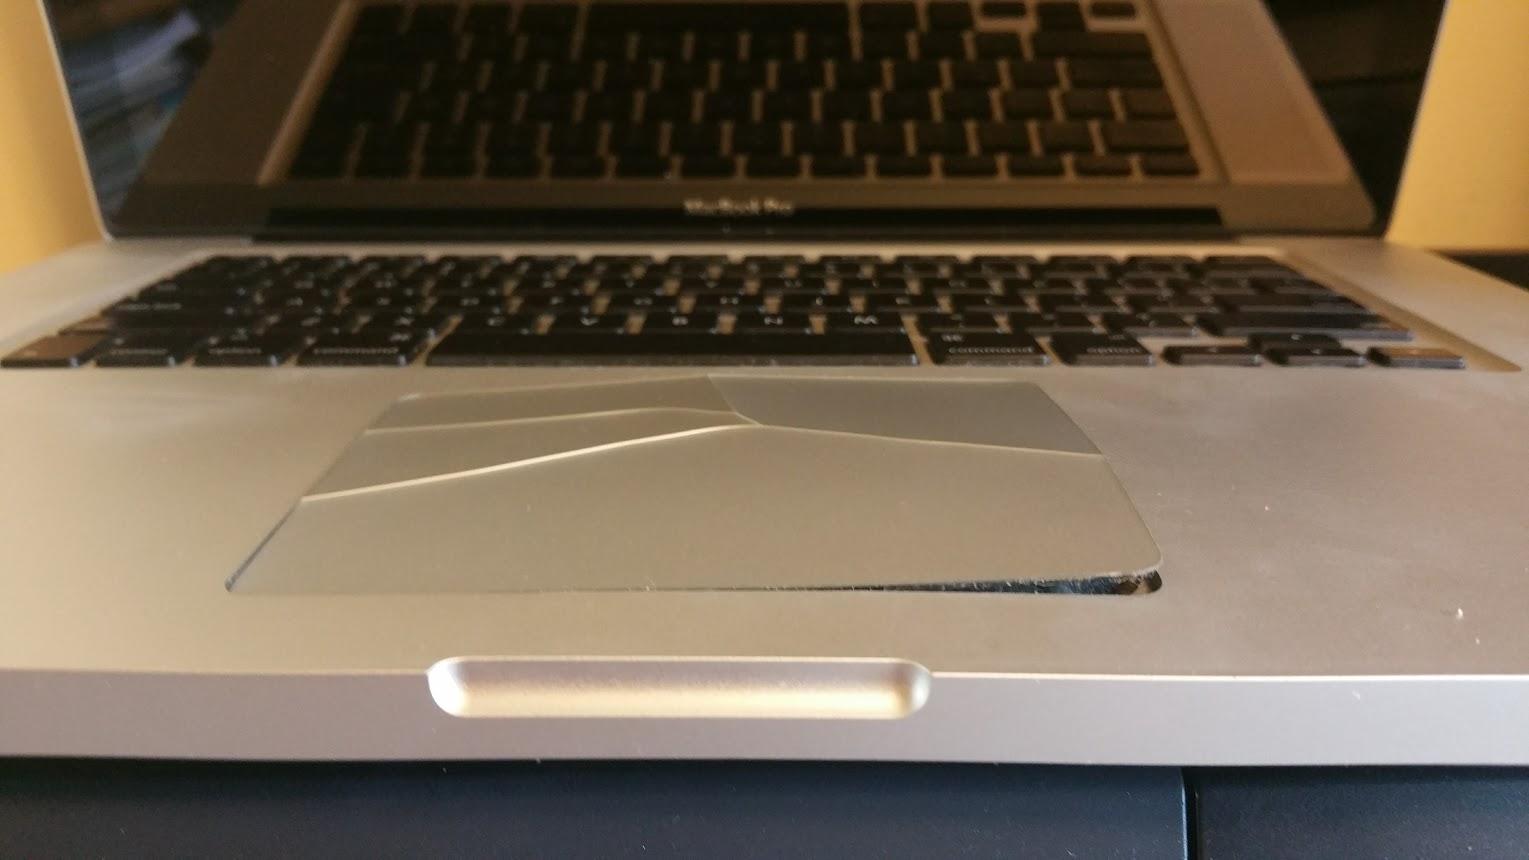 Apple MacBook Pro Woes